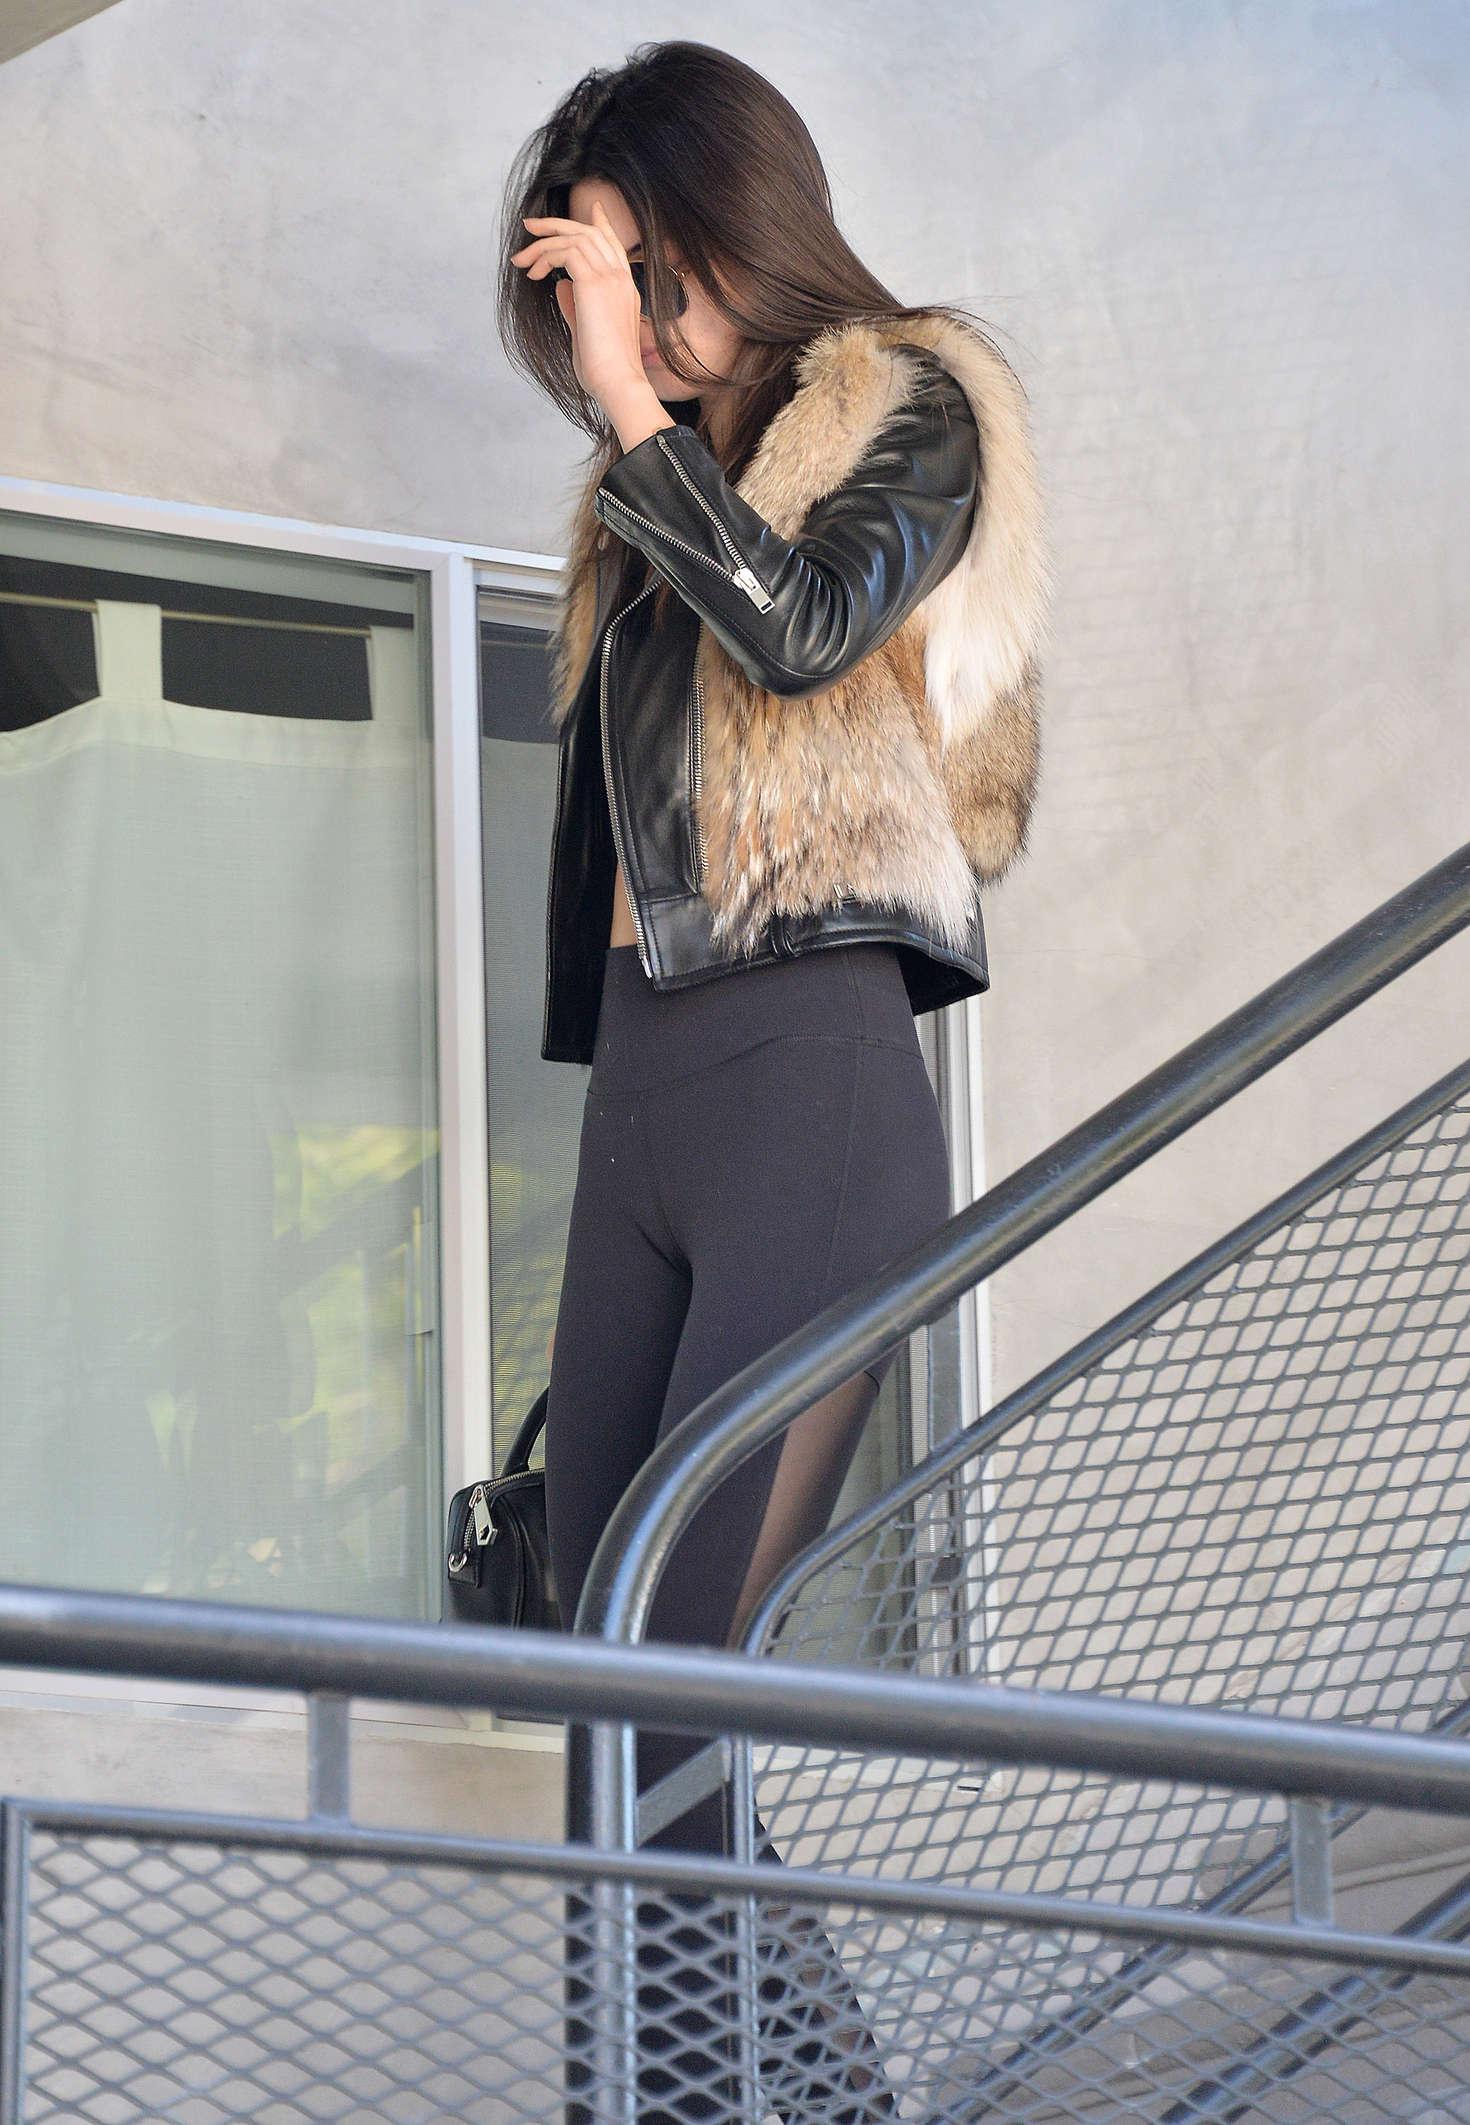 Kendall Jenner 2016 : Kendall Jenner in Leggings -62